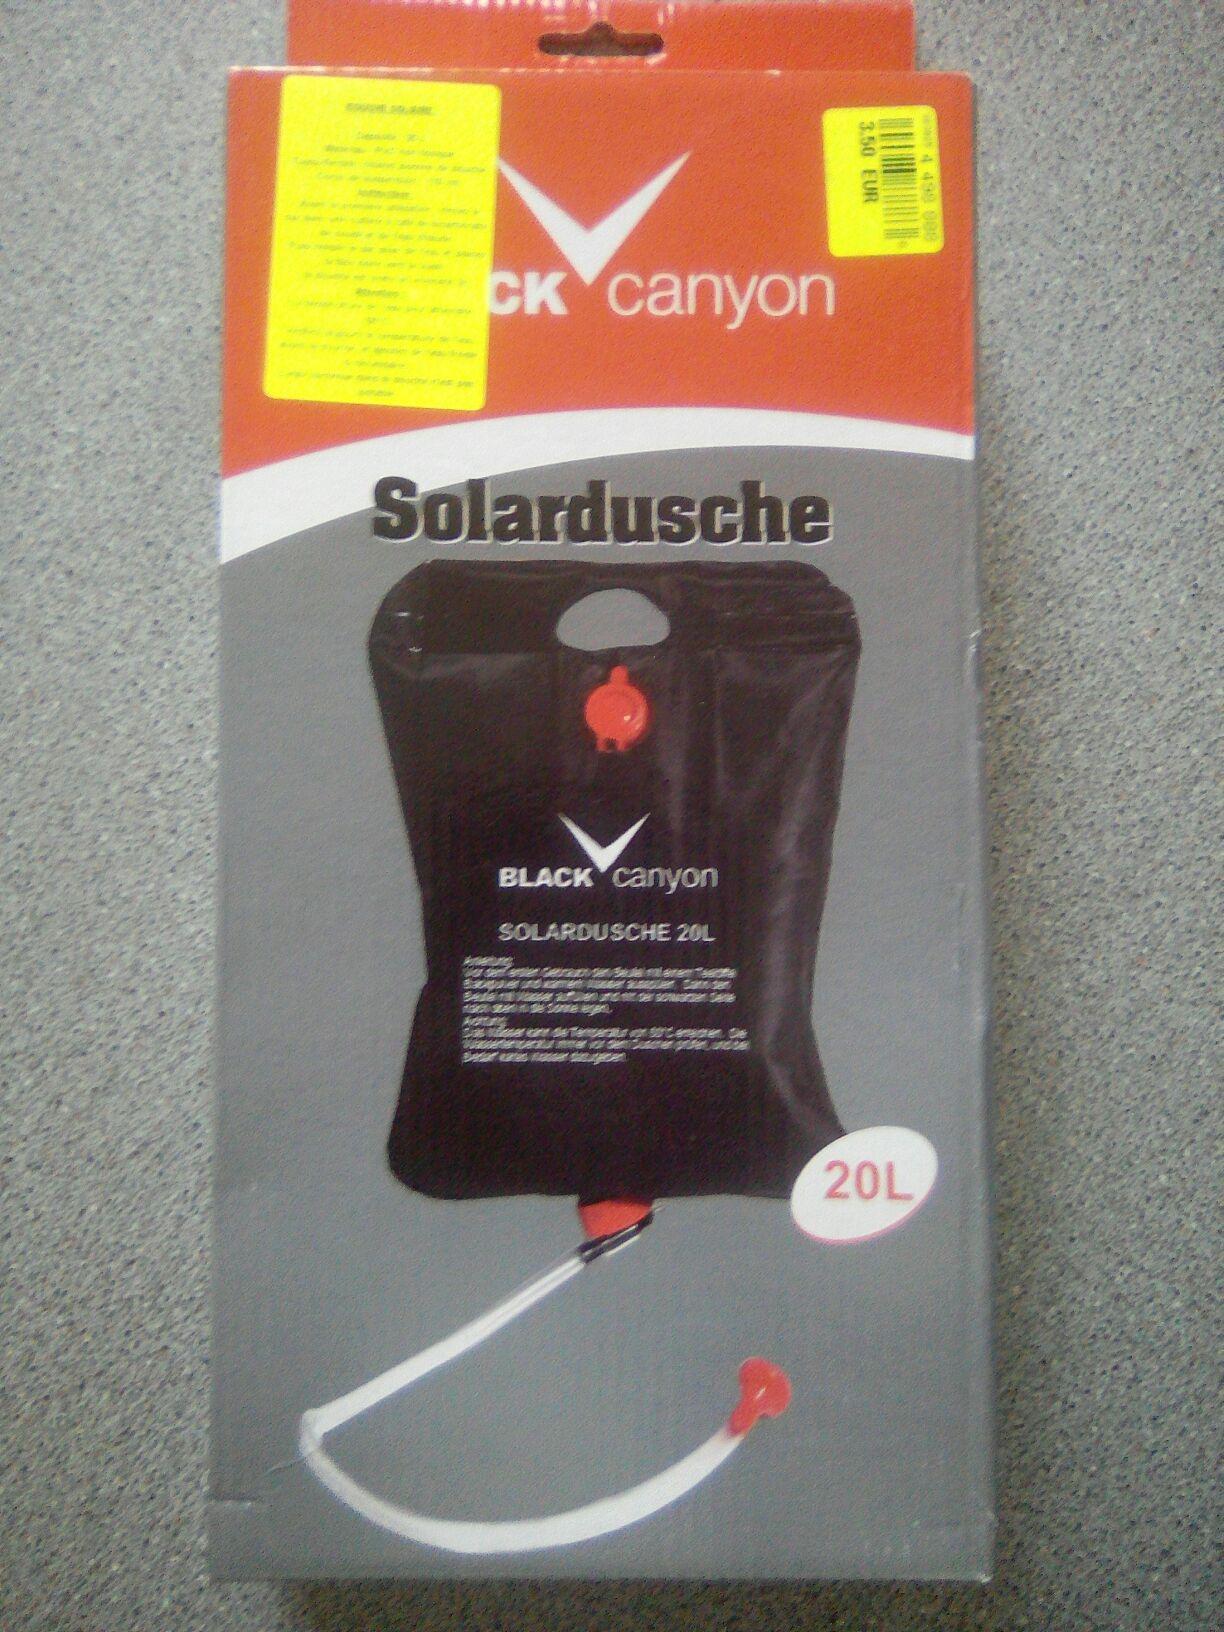 Douche solaire Black Canyon - 20L